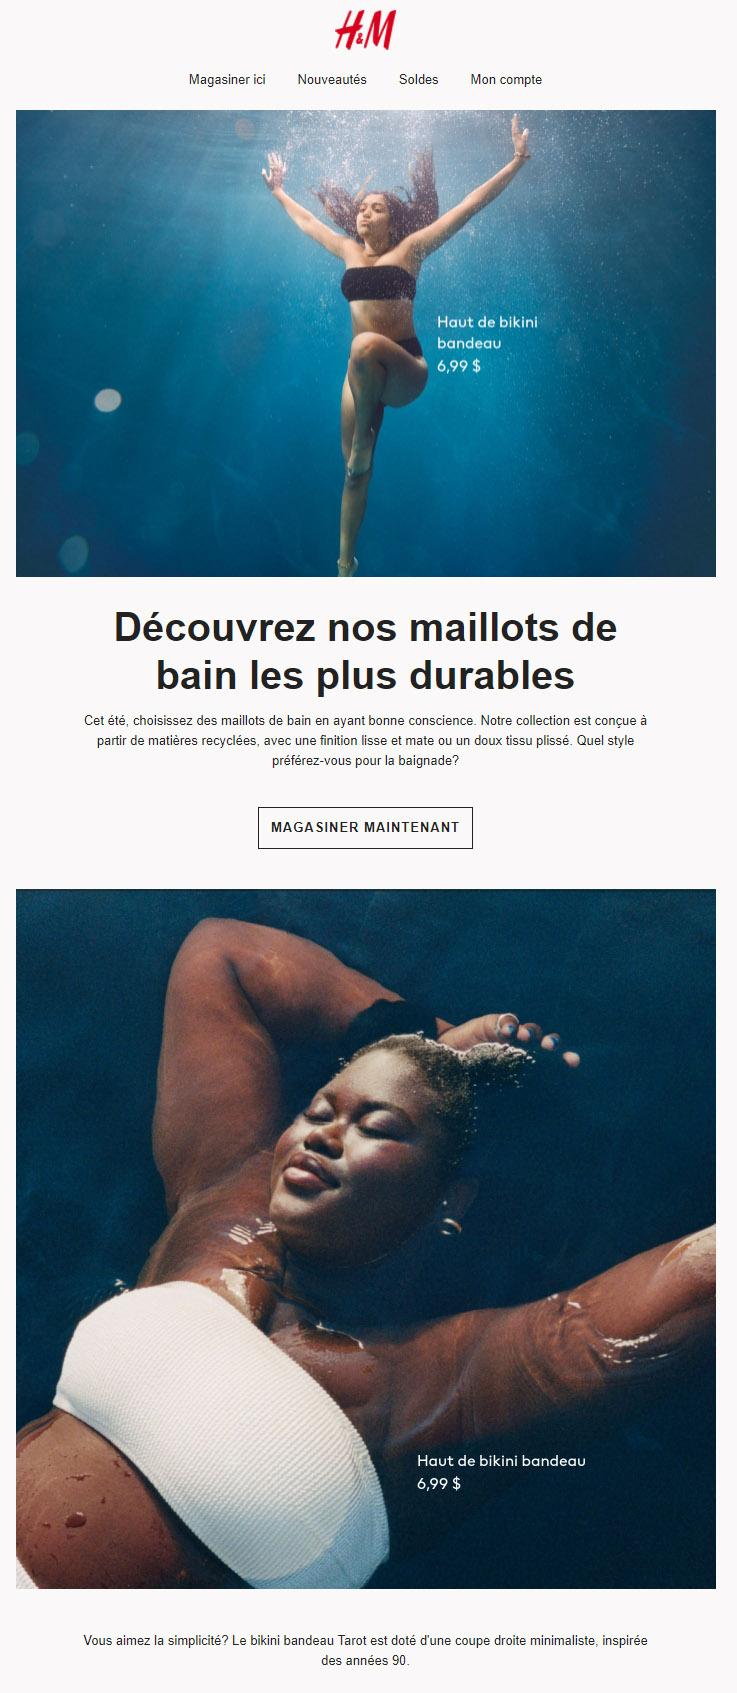 Les Nouveaux Maillots De Bain Sont Sortis!